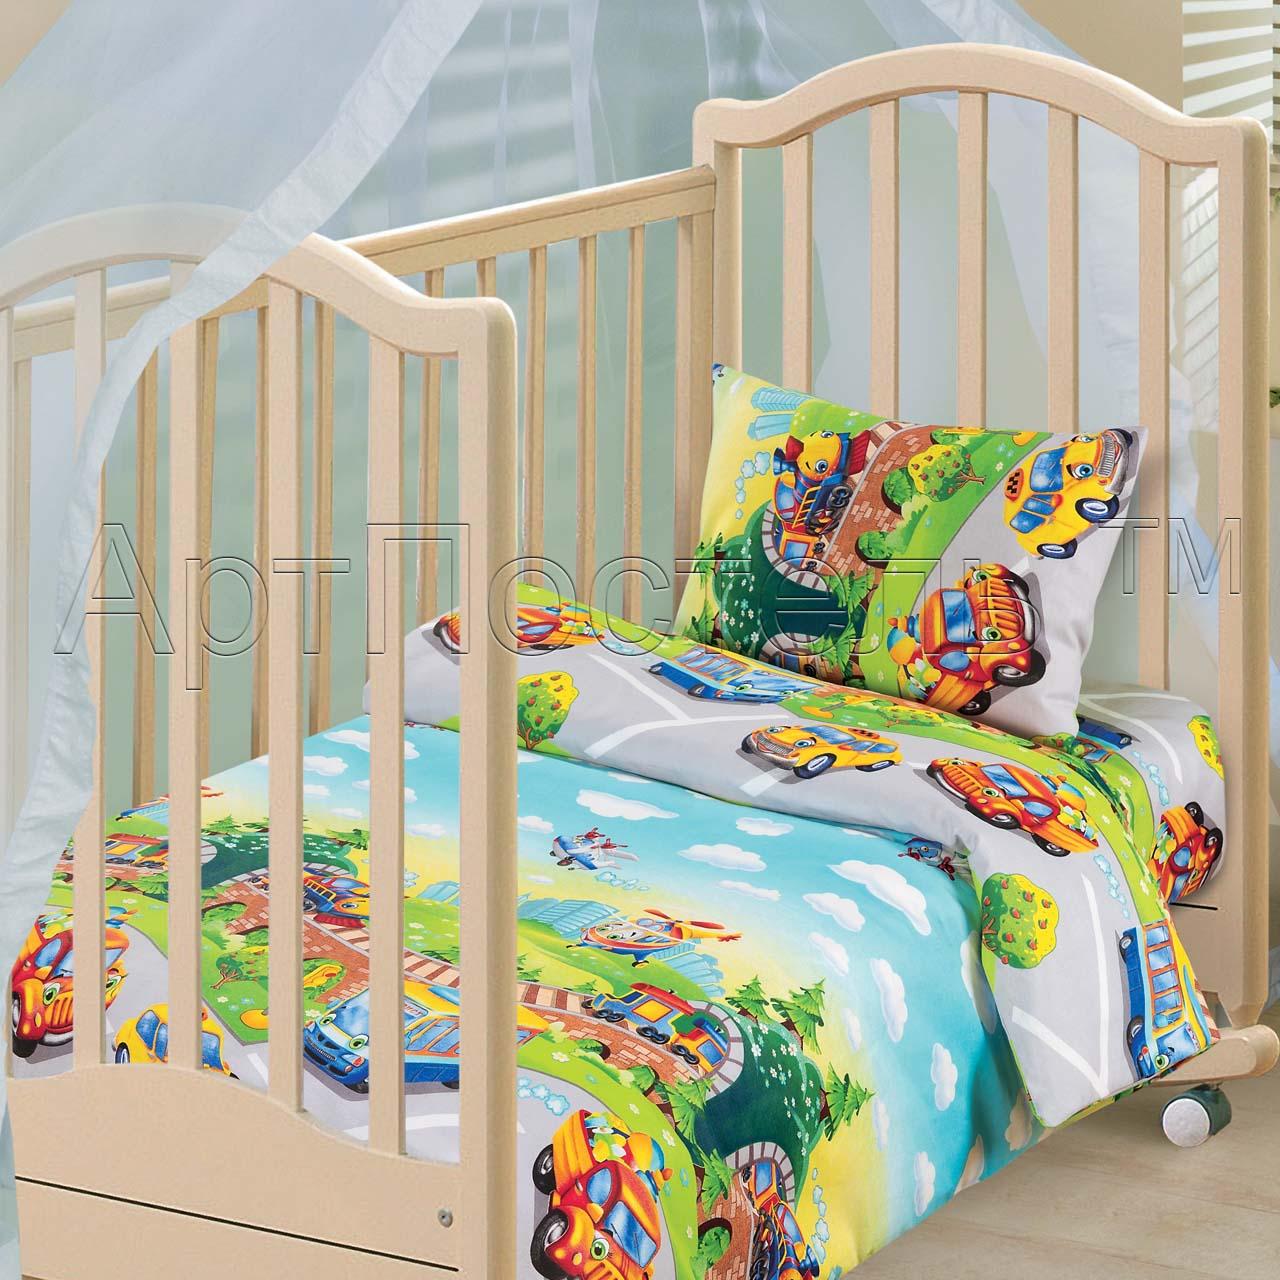 Детский комплект Детский парк, размер ЯсельныйДетское бязь<br>Плотность ткани: 125 г/кв. м <br>Пододеяльник: 147х112 см - 1 шт. <br>Простыня: 150х110 см - 1 шт. <br>Наволочка: 40х60 см - 1 шт.<br><br>Тип: КПБ<br>Размер: Ясельный<br>Материал: Бязь